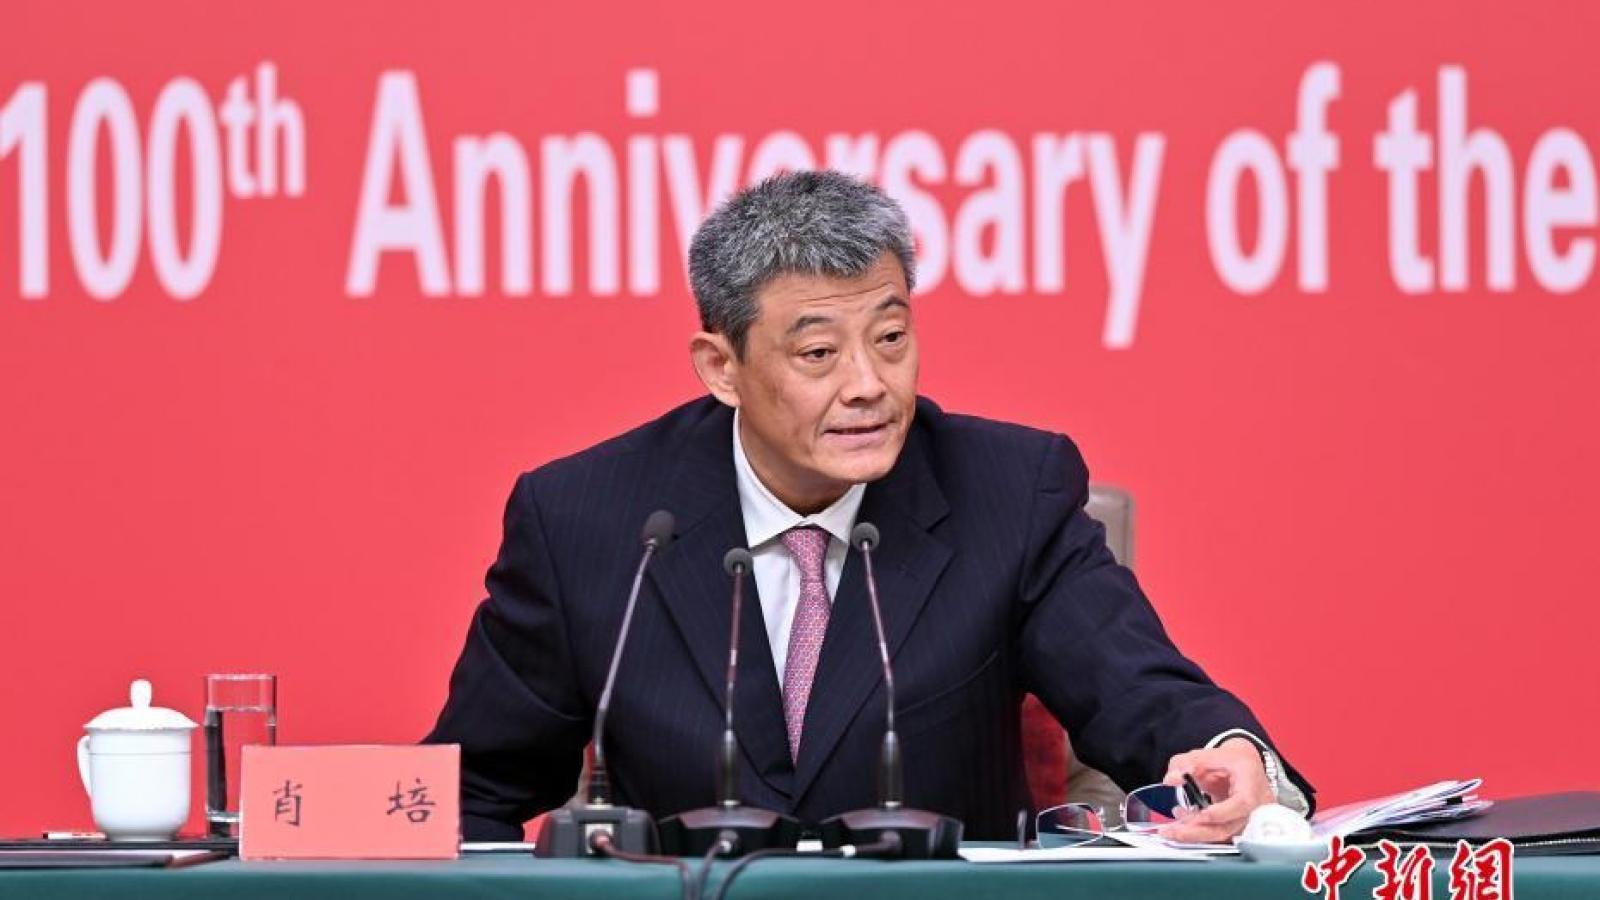 """Trung Quốc: Chống tham nhũng là cuộc đấutranhchính trị """"quyếtkhông được thua"""""""